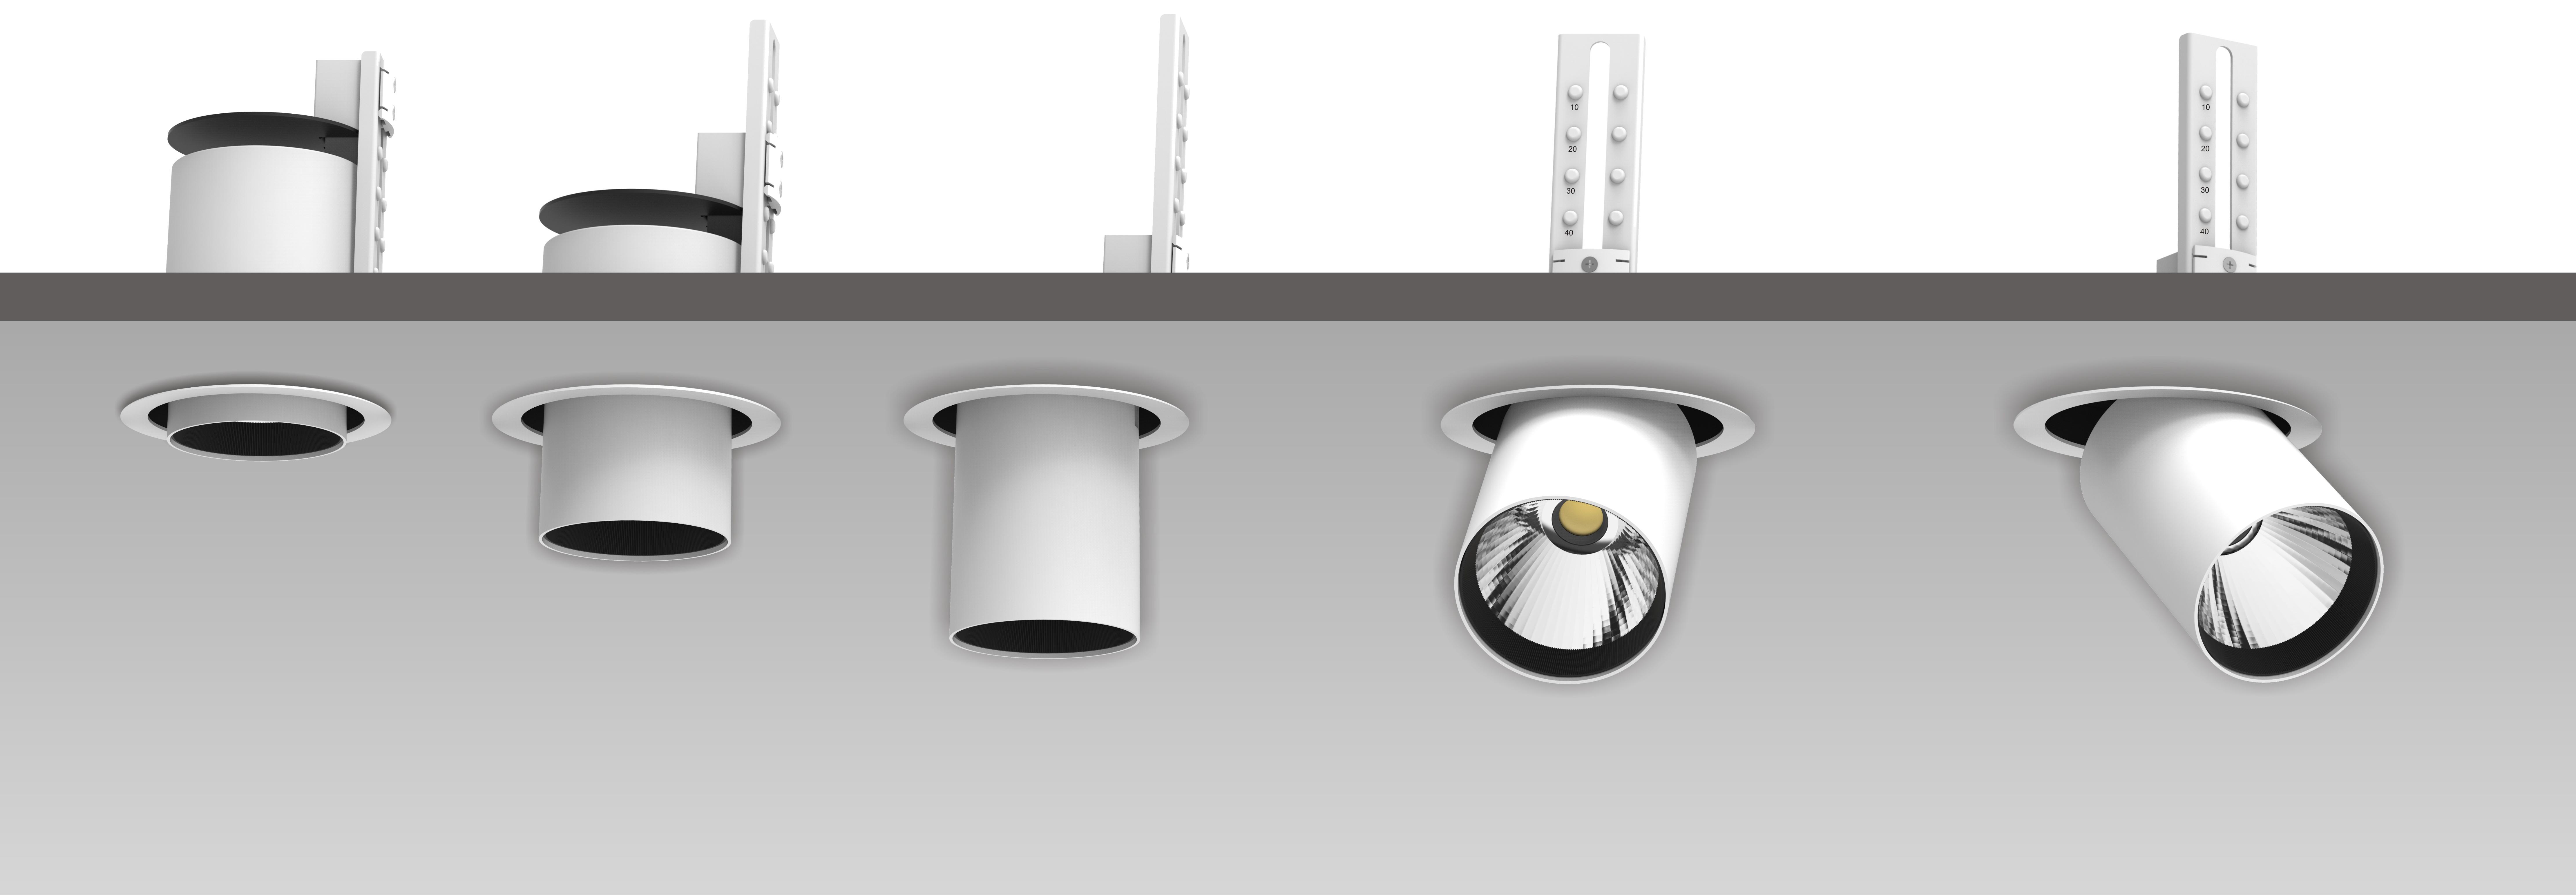 Светодиодный торговый светильник ACCORD RD